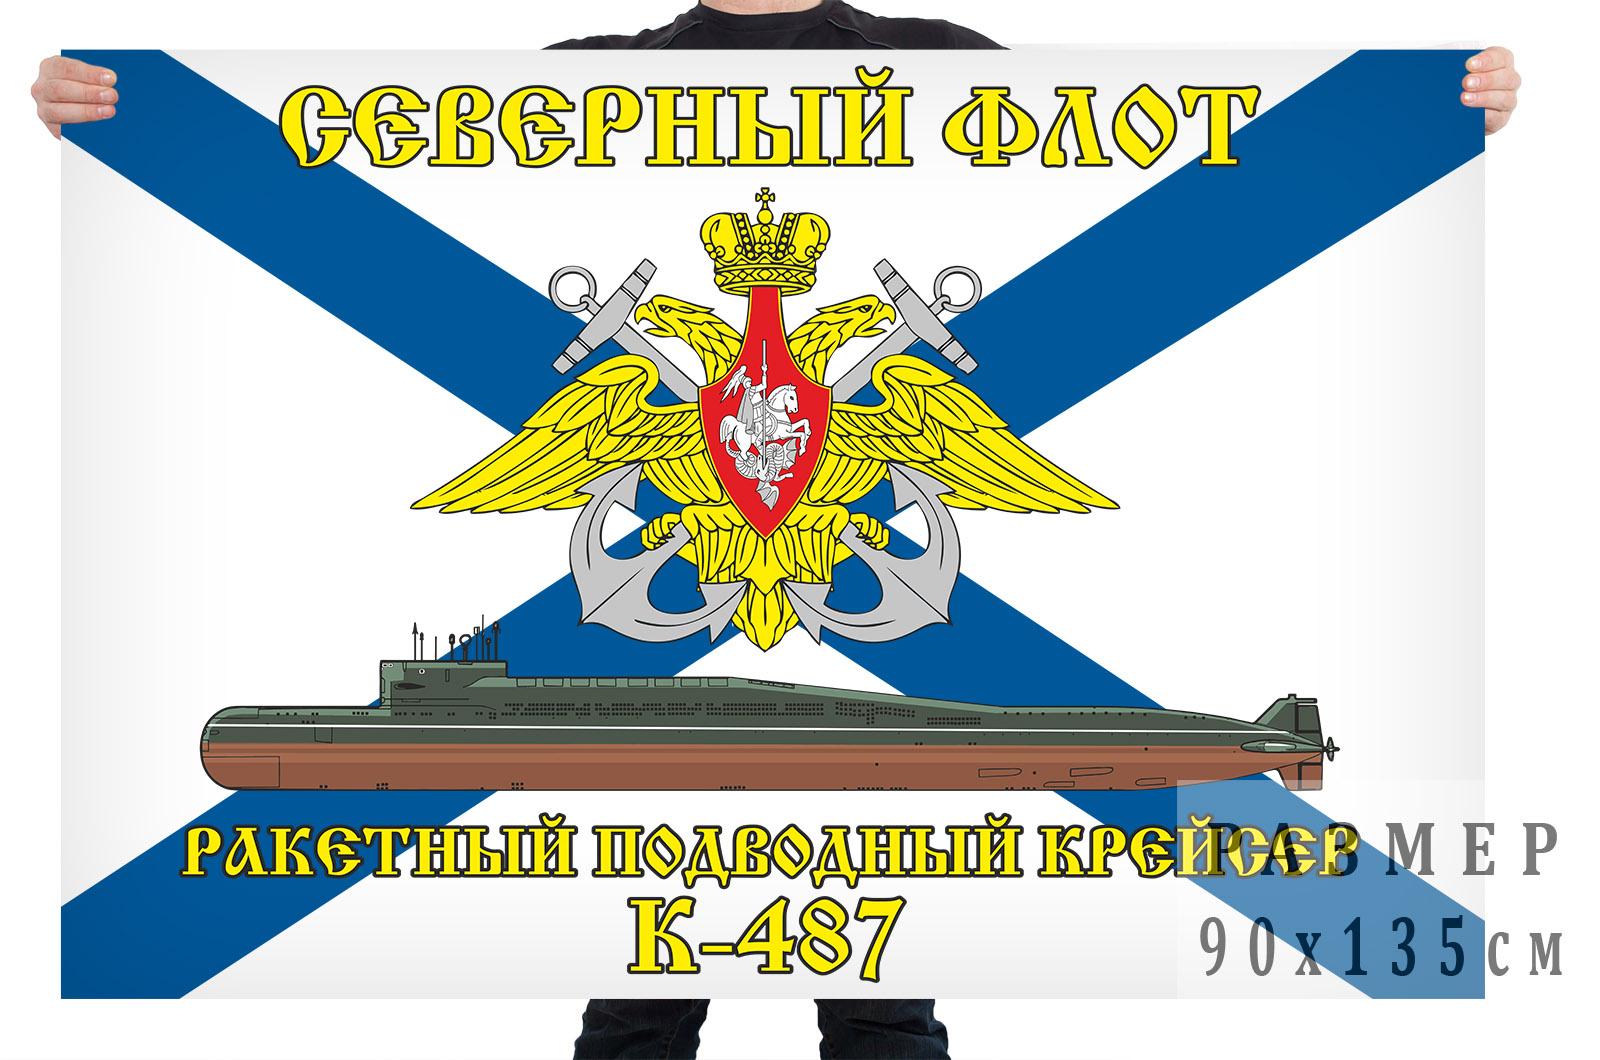 Флаг ракетного подводного крейсера К 487